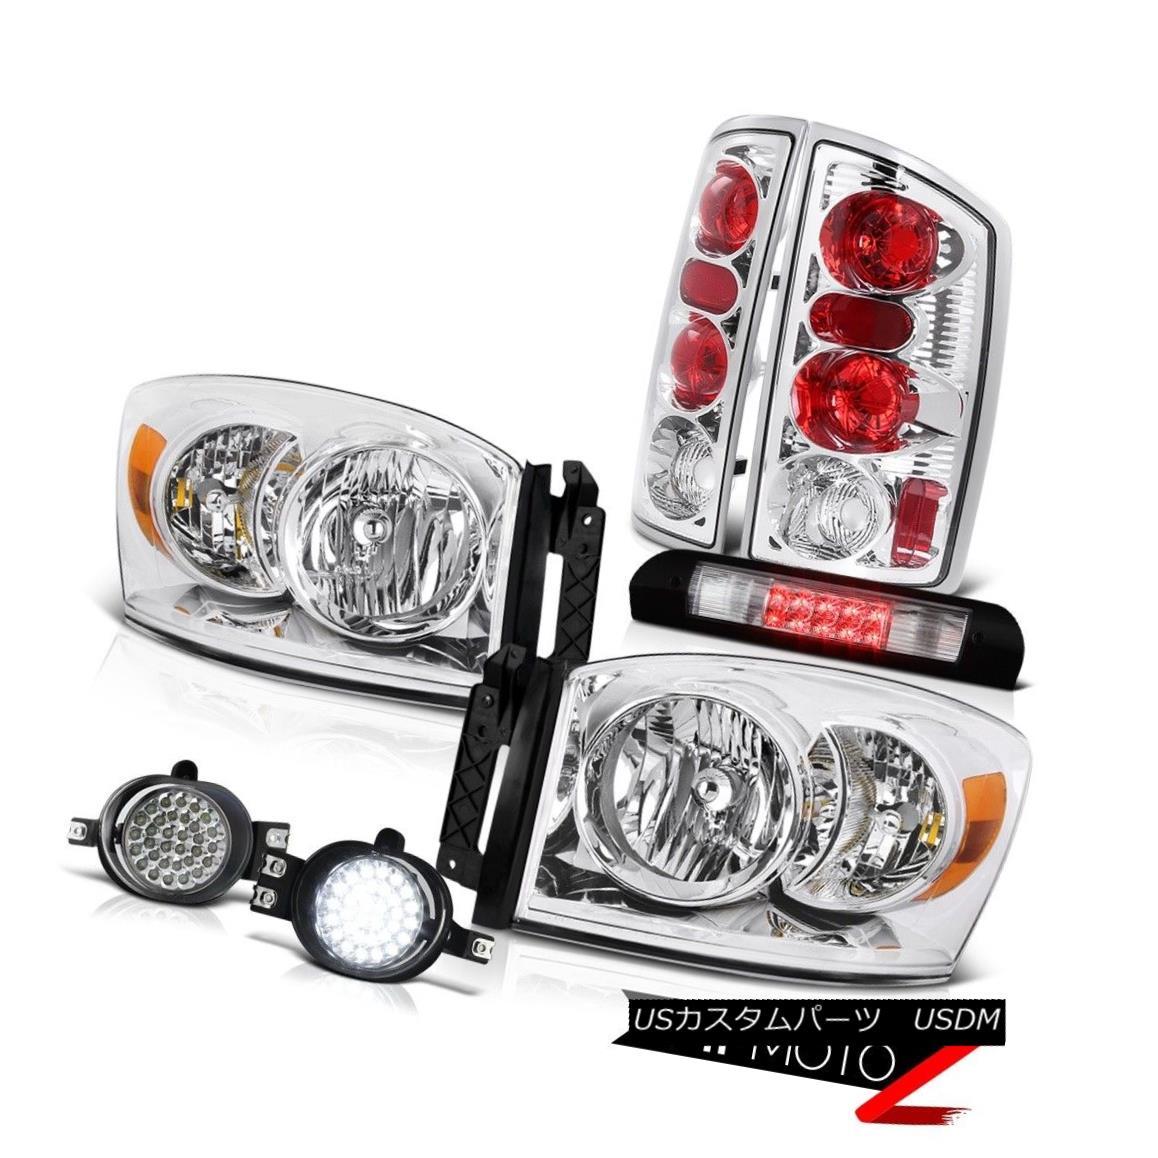 ヘッドライト Headlights Rear Signal Tail Lamp Foglights Chrome 3rd Brake LED 2006 Dodge Ram ヘッドライトリアシグナルテールランプフォギーライトクローム第3ブレーキLED 2006 Dodge Ram